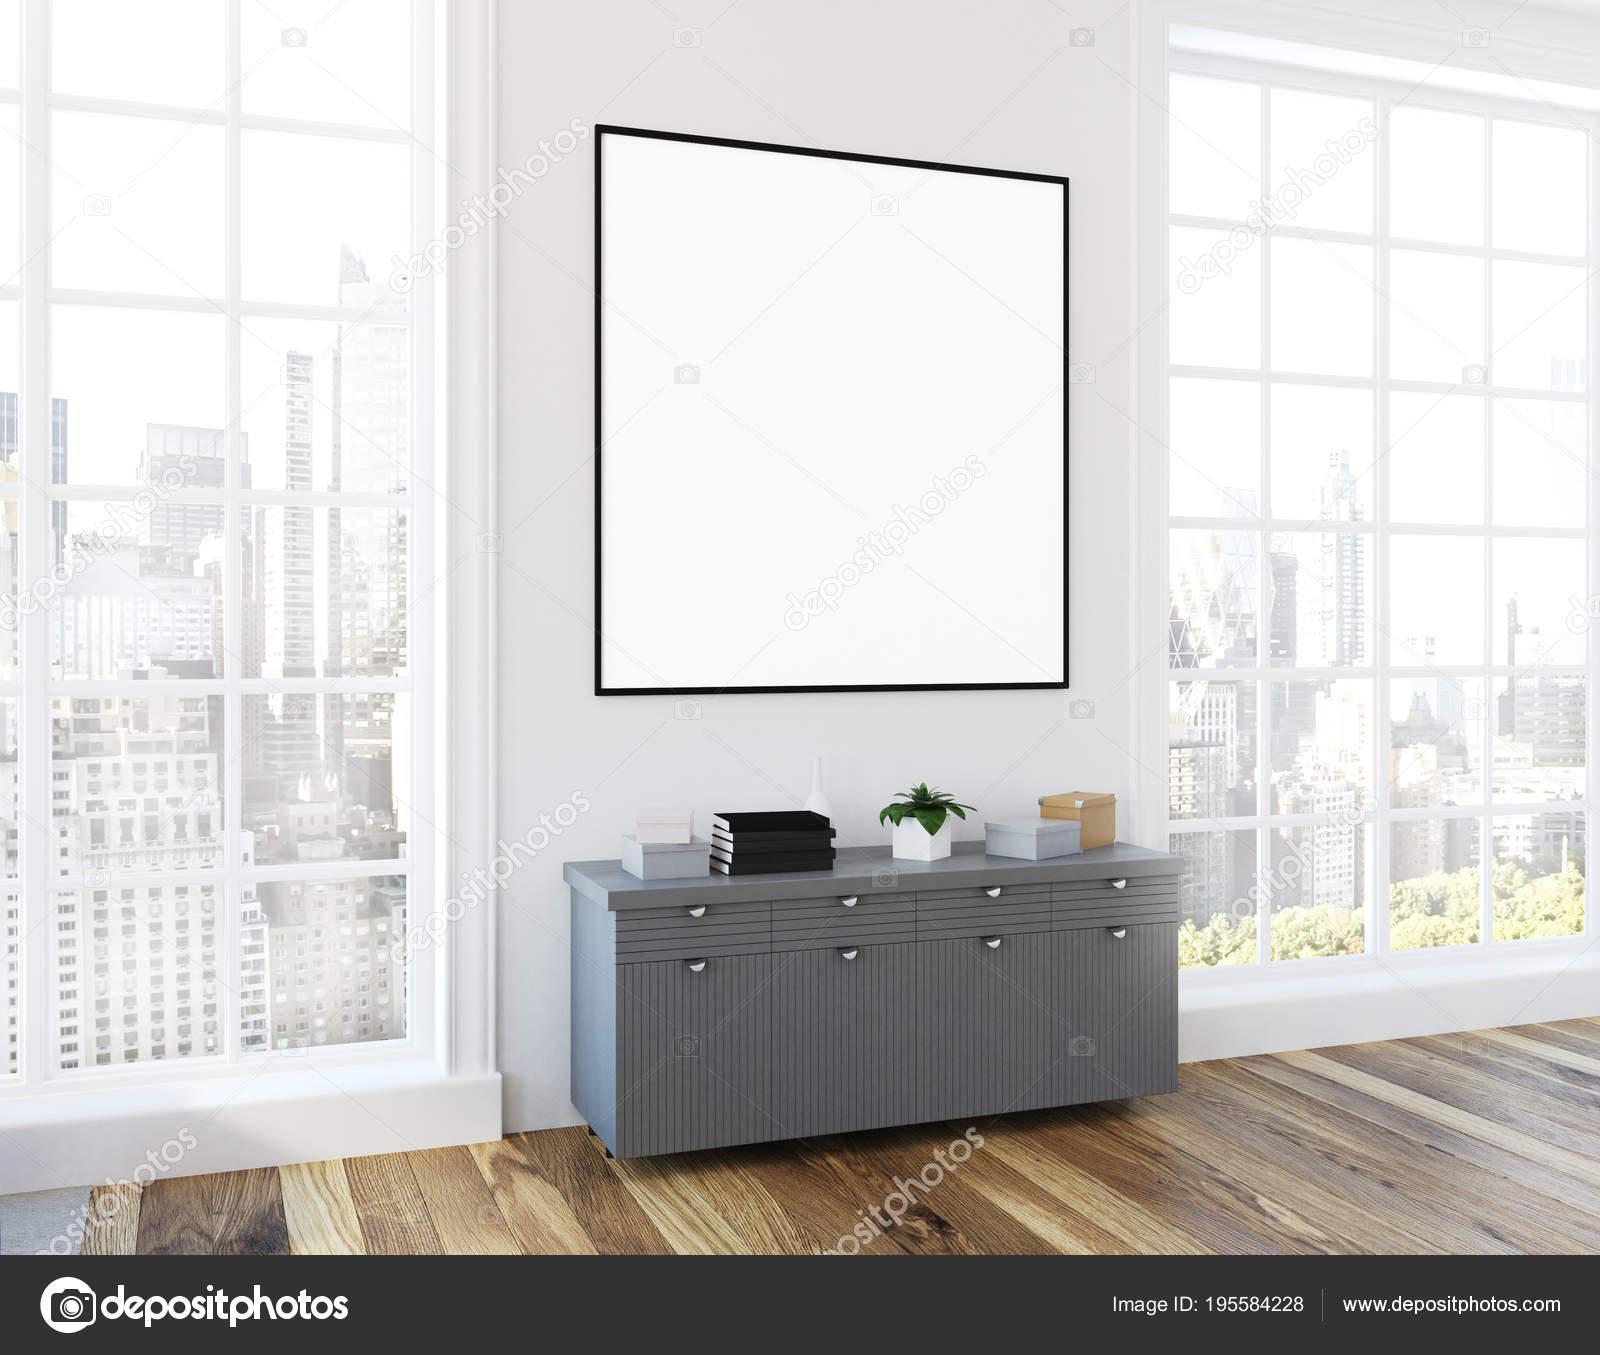 Loft Wohnzimmer Graue Kommode Plakat Seitenansicht Stockfoto